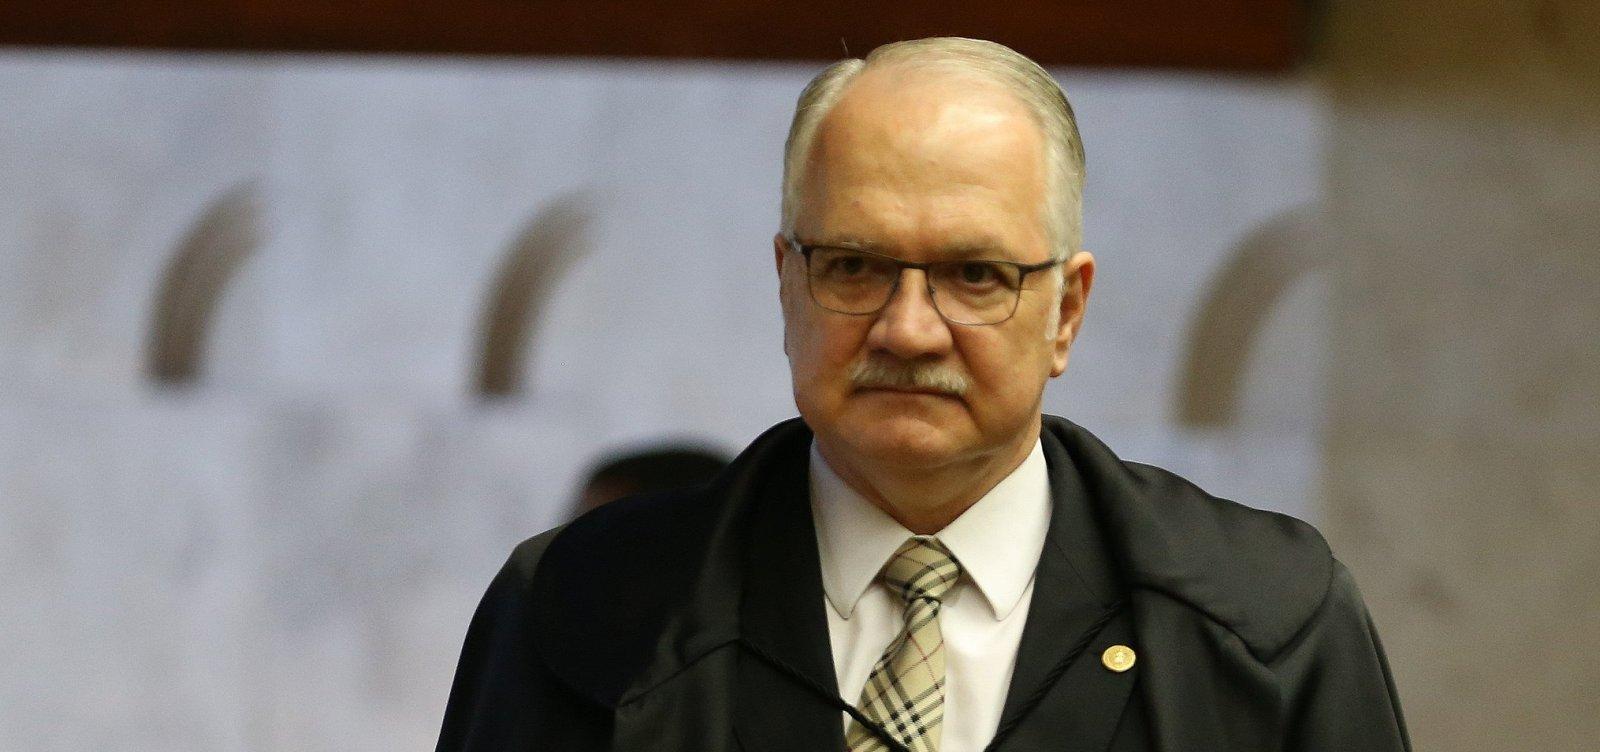 Fachin diz que STF pode julgar habeas corpus de Lula ainda neste ano